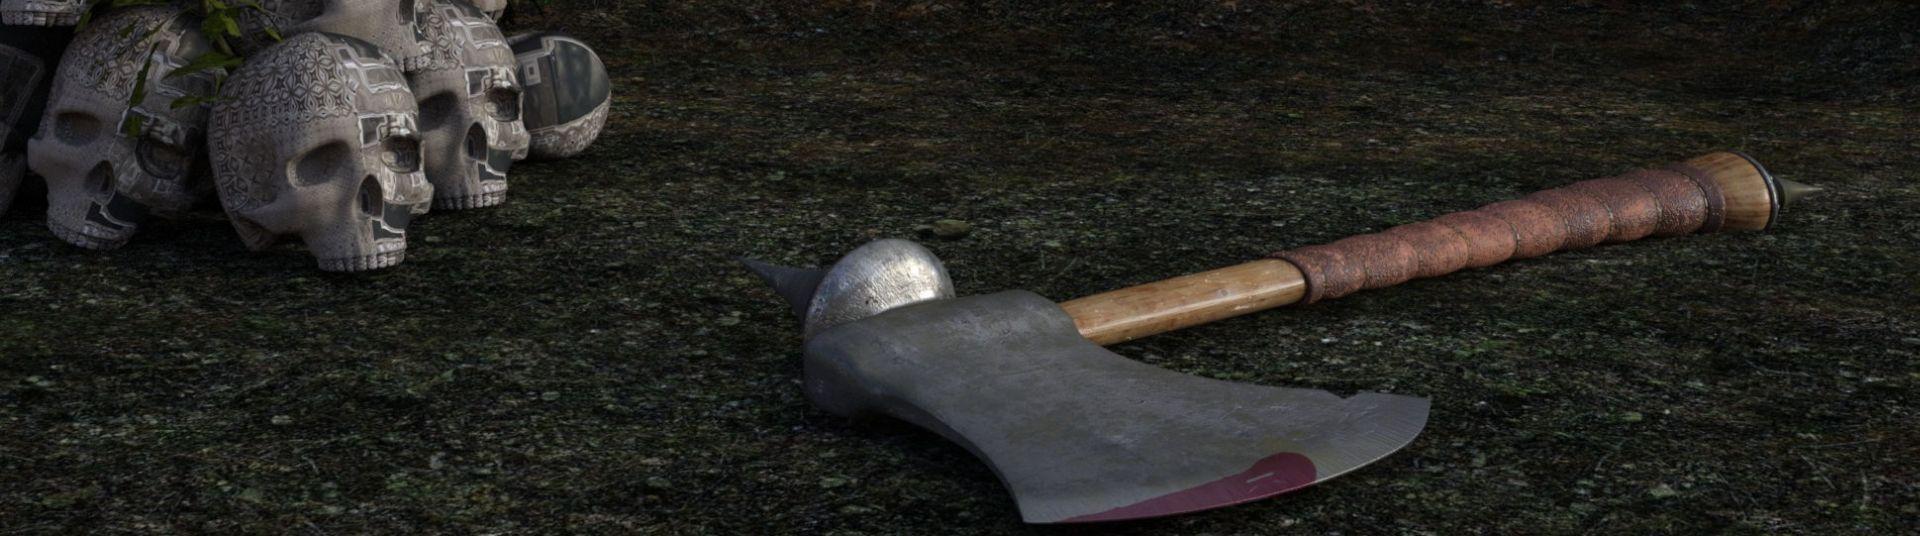 POMAHNITALI LATVIJAC Mladić u Švicarskoj sjekirom ranio dvoje ljudi